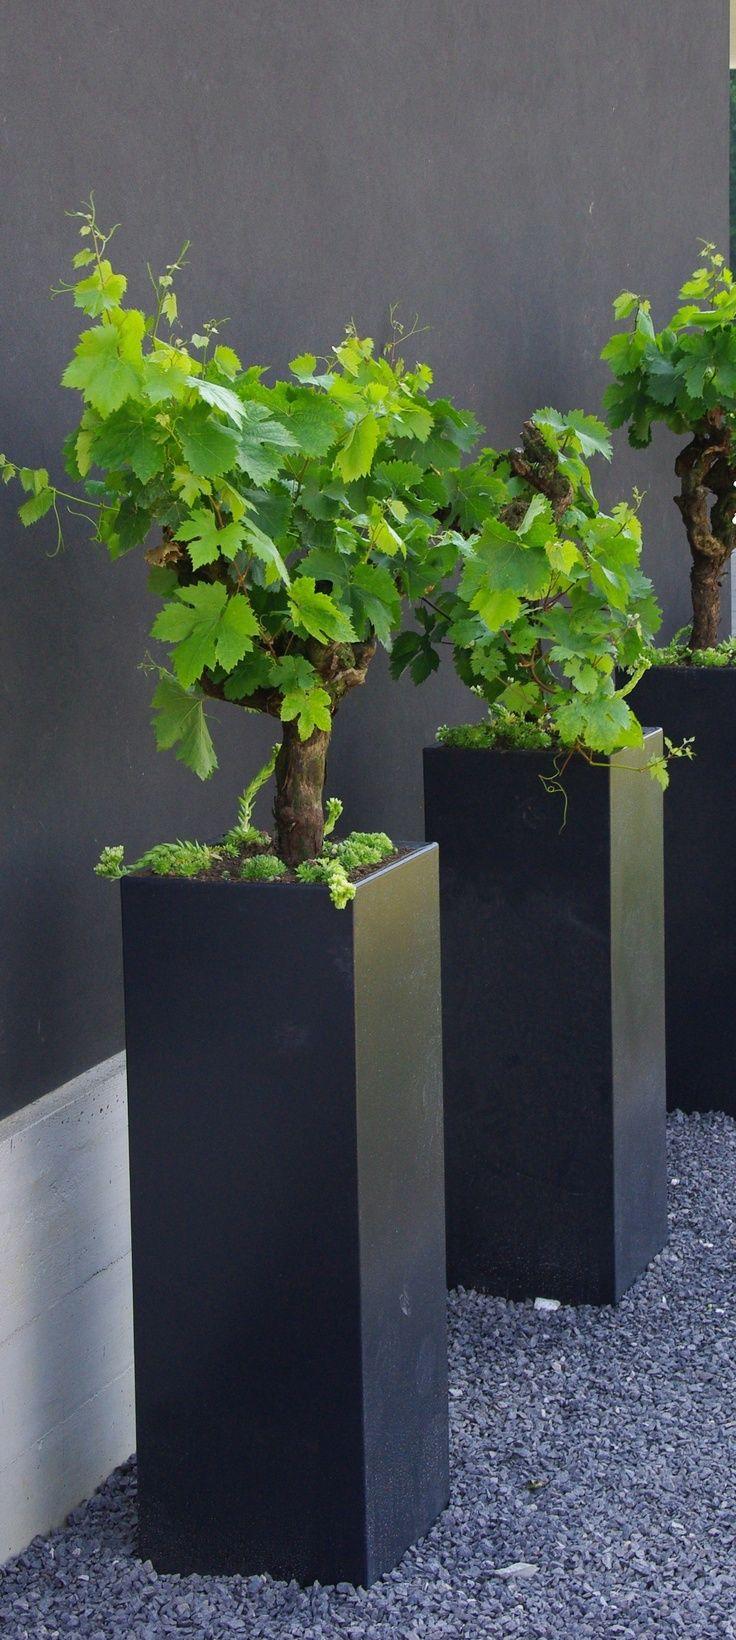 huisjekijken+gespot+|+fruitbomen+in+pot